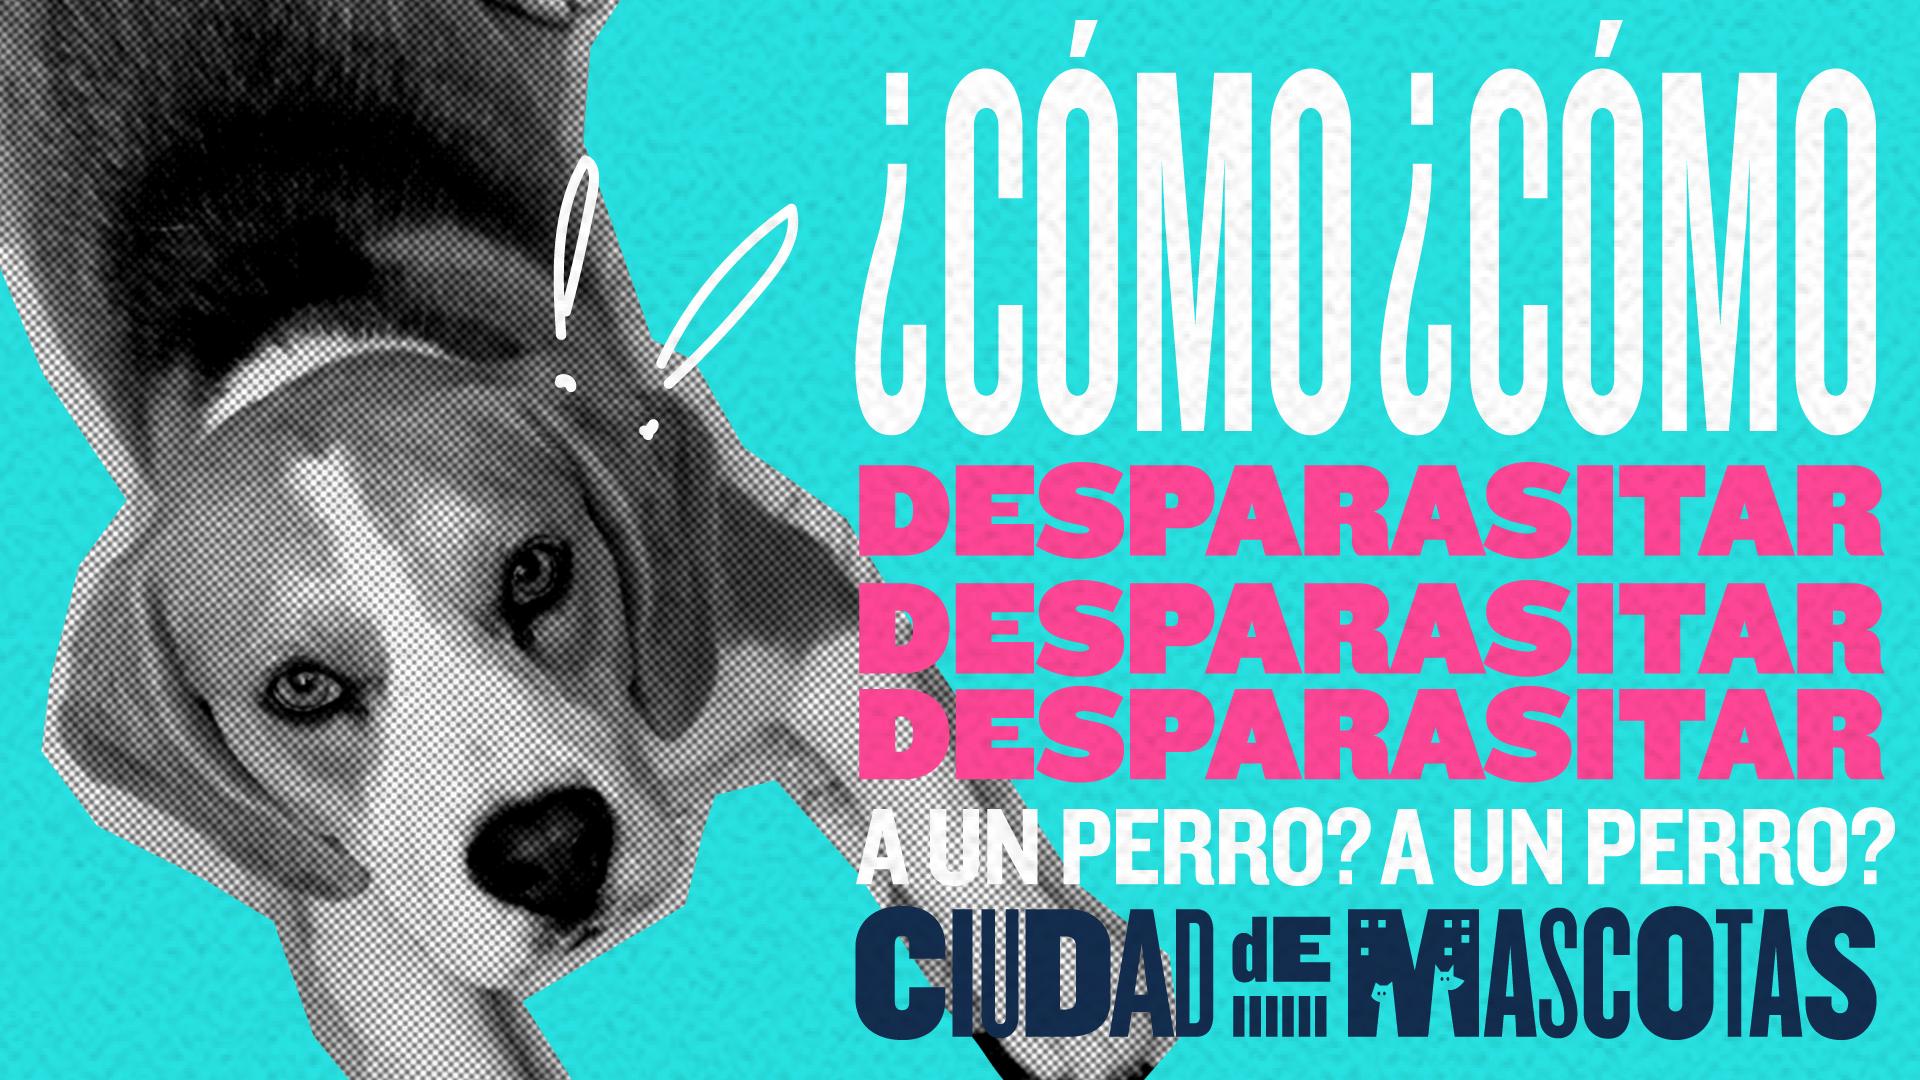 Cómo desparasitar a un perro - Ciudaddemascotas.com